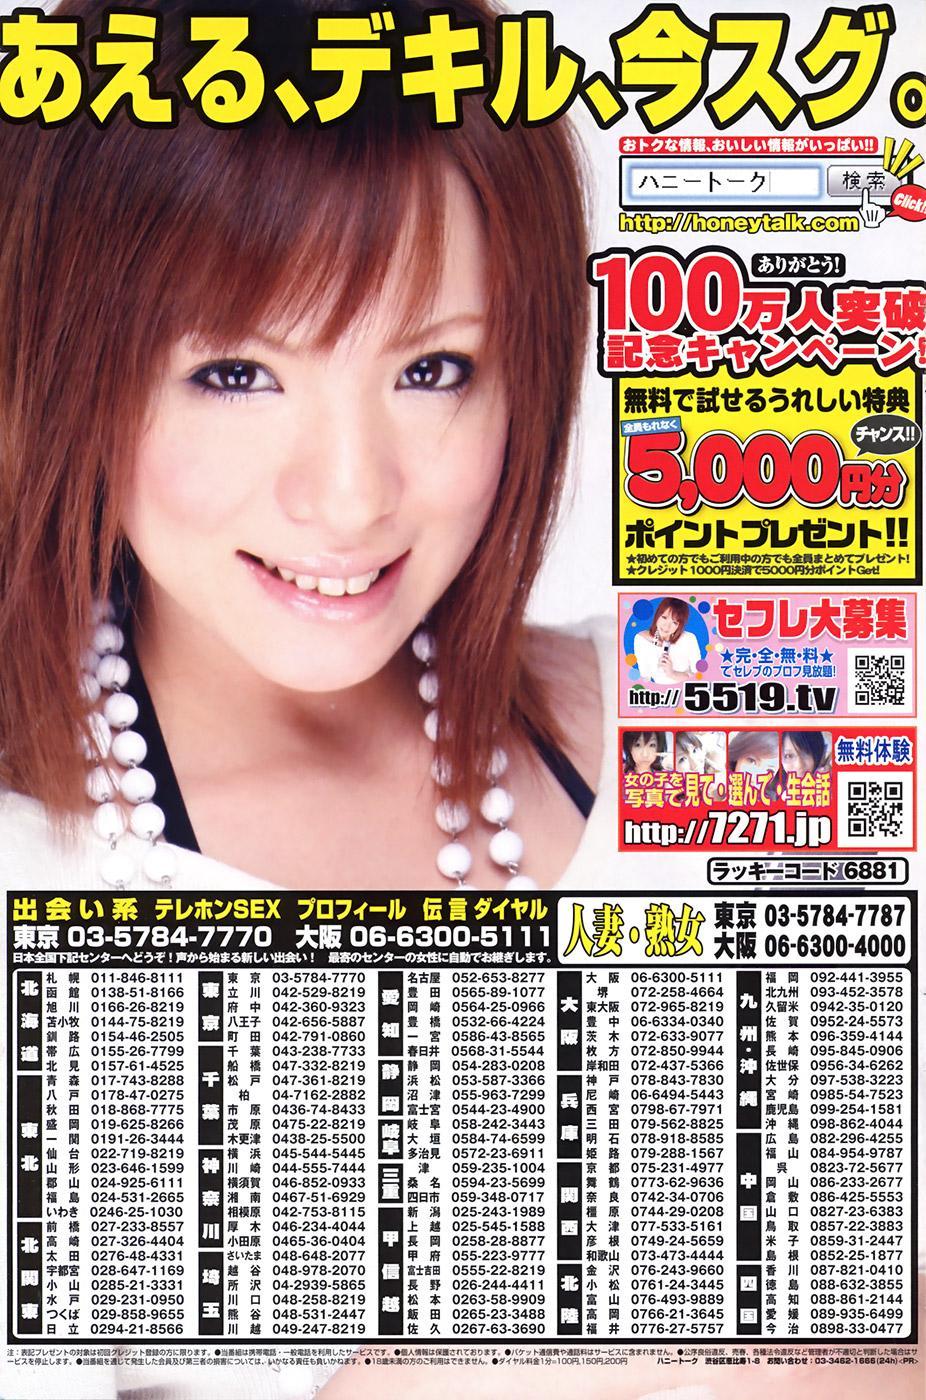 COMIC Purumelo [2009-03] Vol.27 116